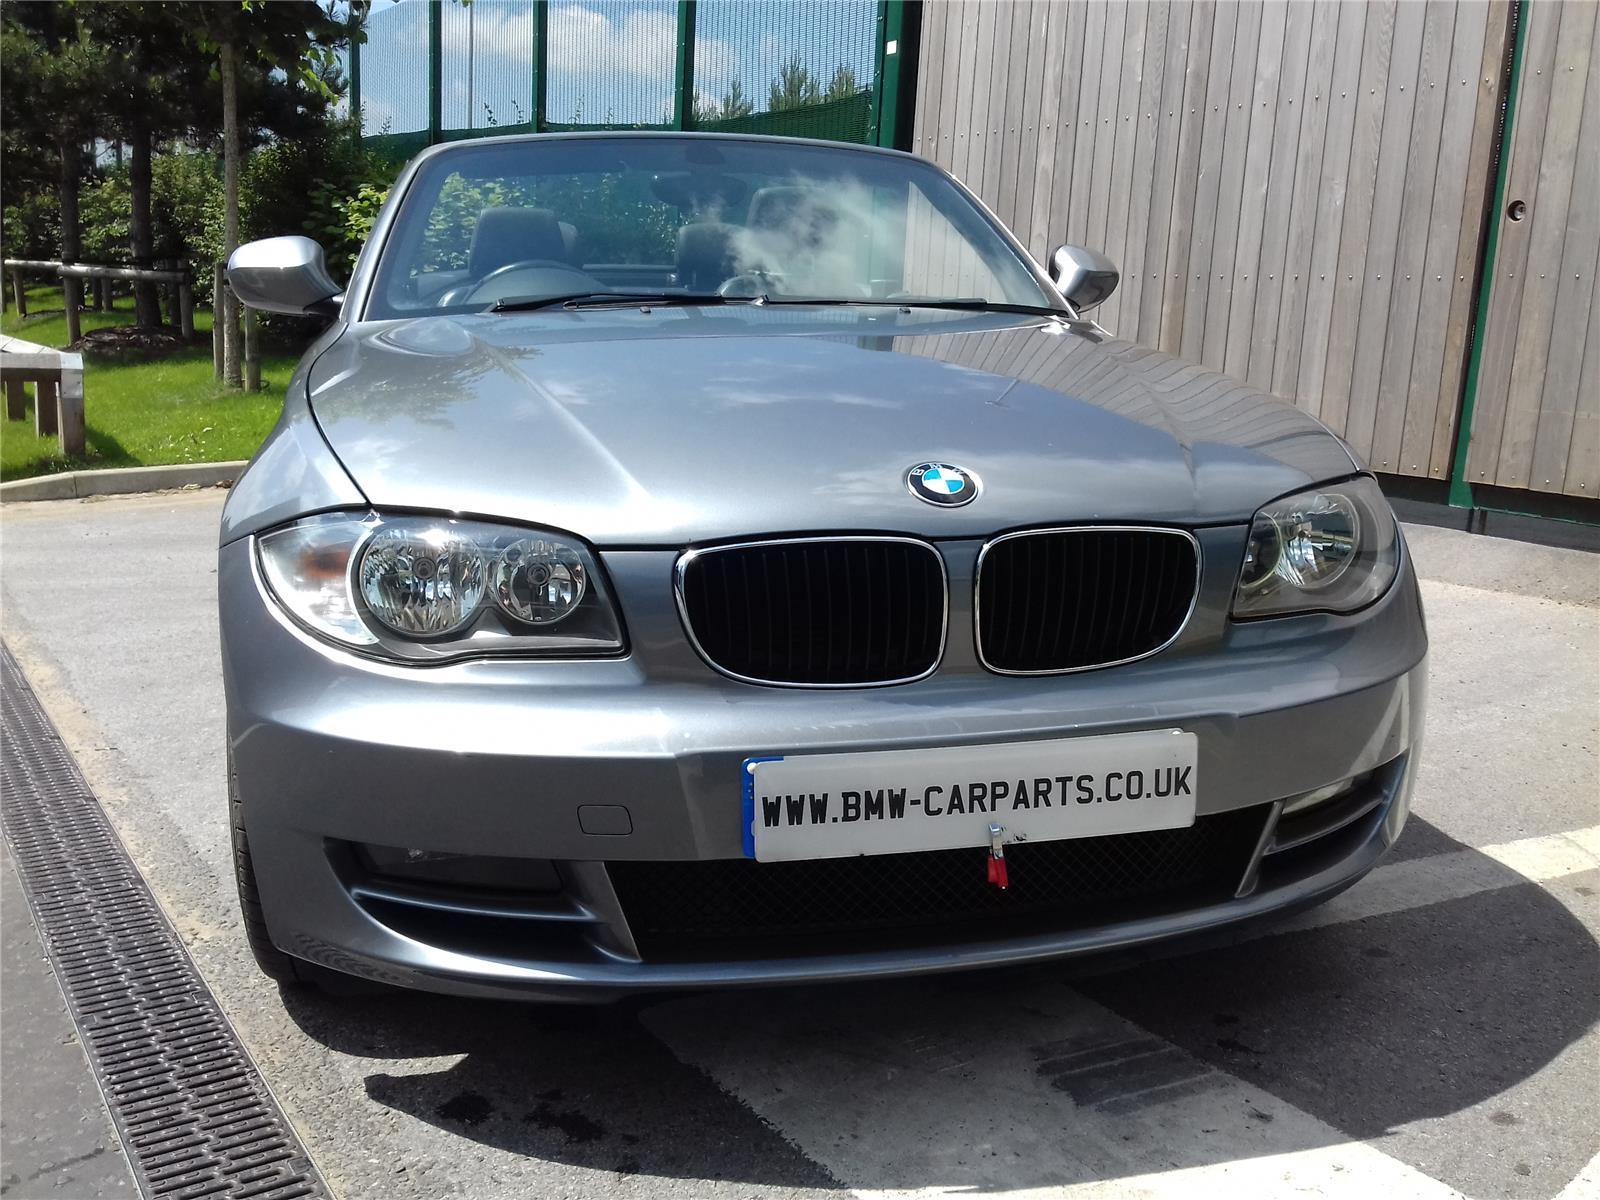 2009 BMW 1 SERIES 118D SPORT Convertible (DIESEL / MANUAL) breaking ...